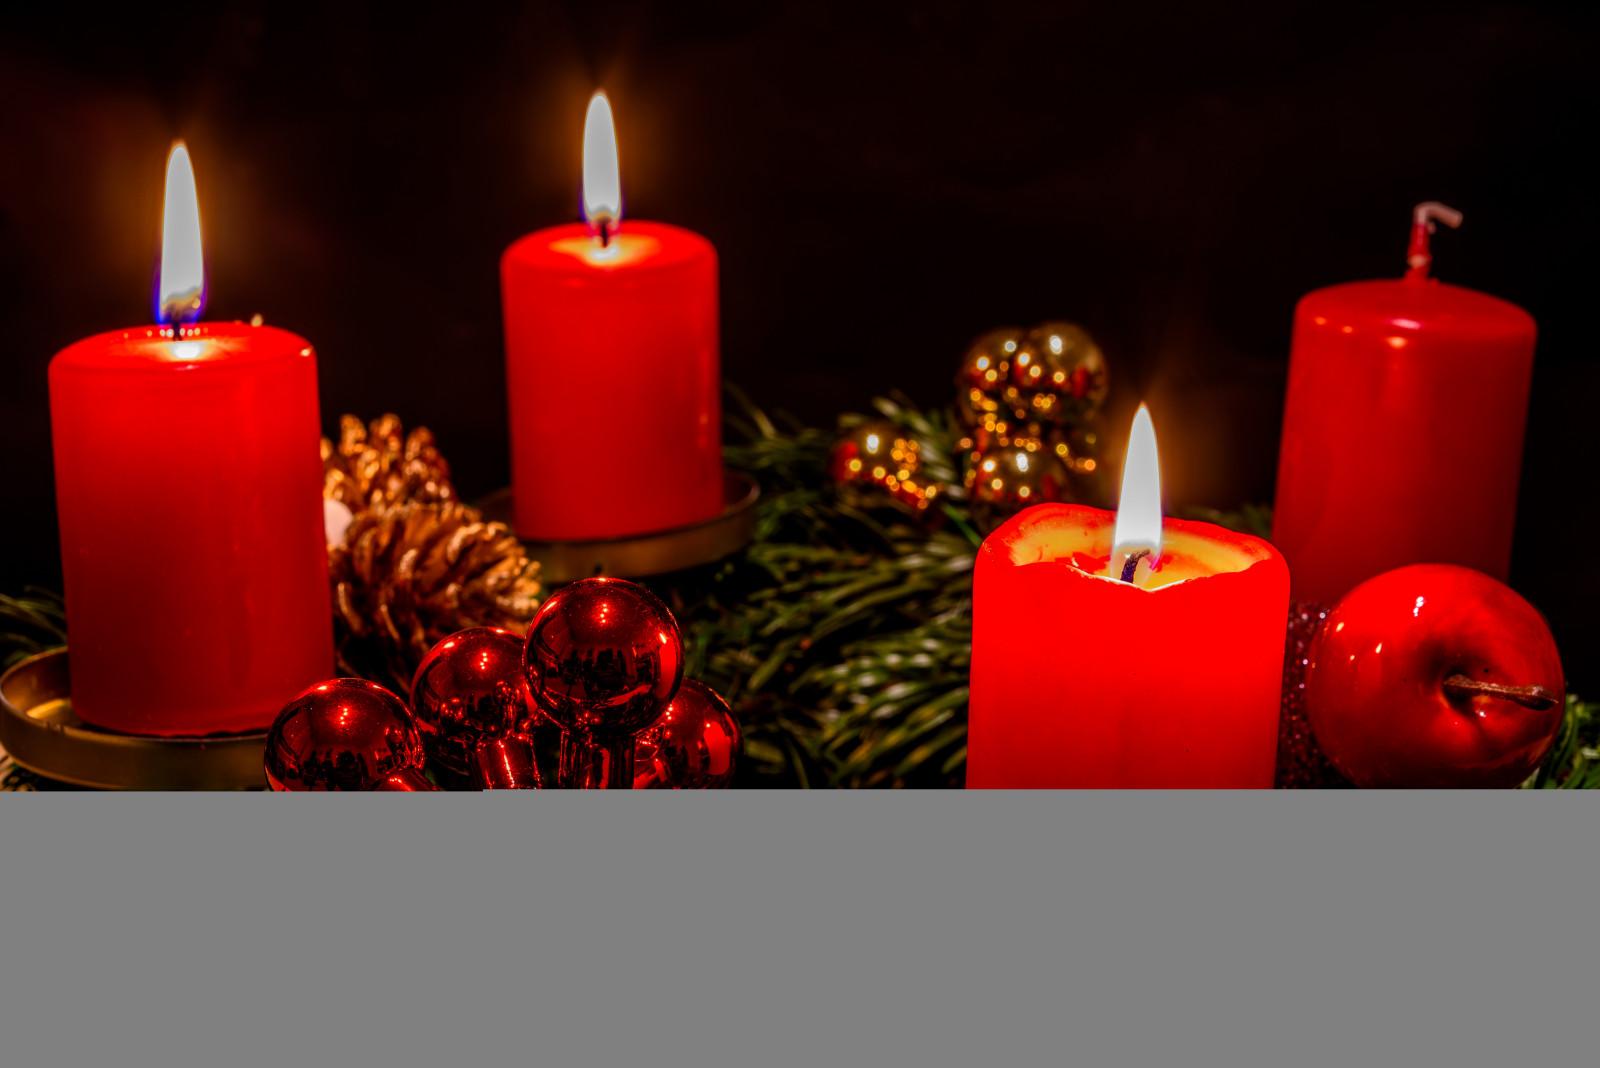 Hintergrundbilder Kostenlos Advent hintergrundbilder rot kerzen weihnachten urlaub lightroom